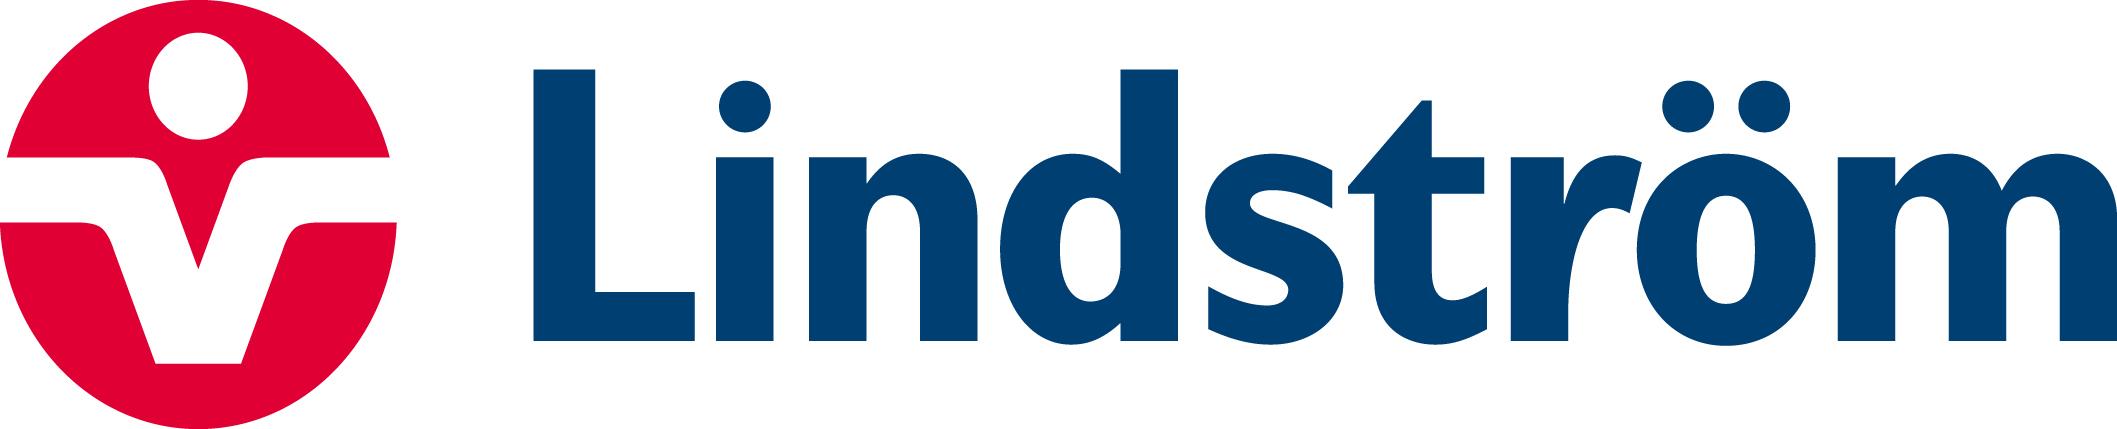 lindstrom-tuotantopaallikko-helsinki-sdsuu-3392124 logo